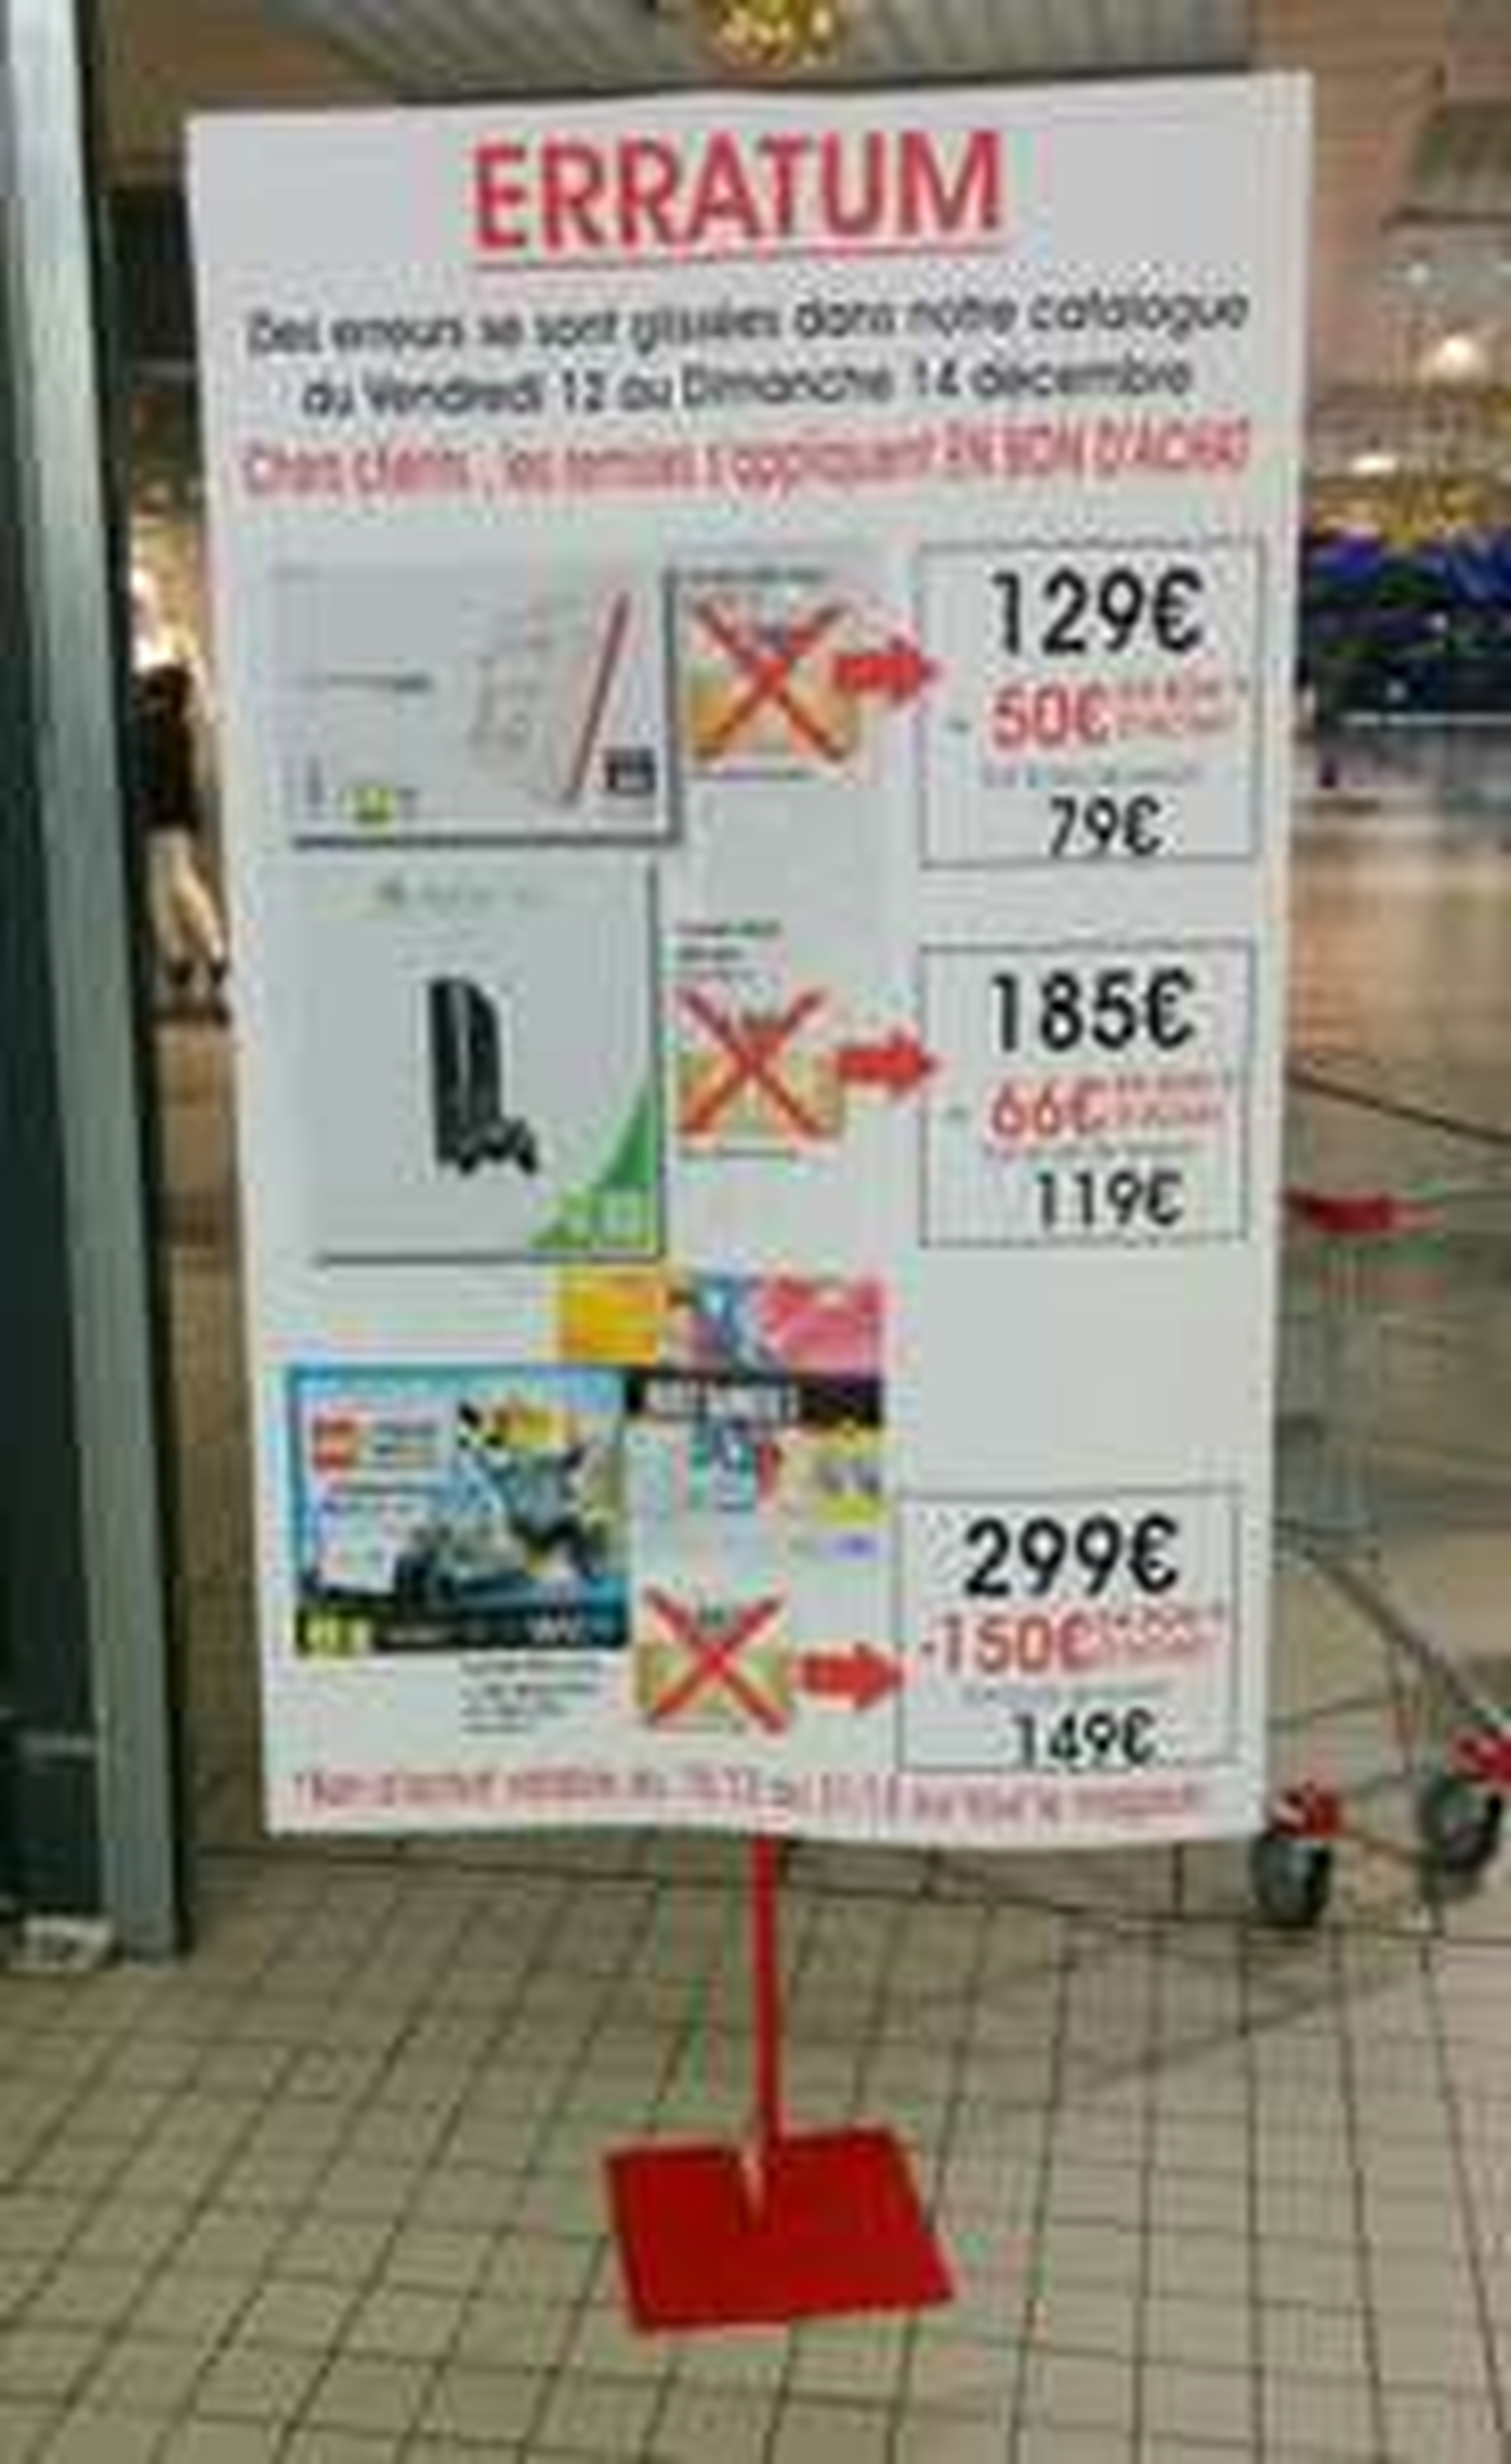 Console Nintendo 2DS à 129€ (+ 50€ en bon d'achat) et Wii U Basic Pack 8Go Lego City ou Just Dance 2014 (+ 150€ en bon d'achat)